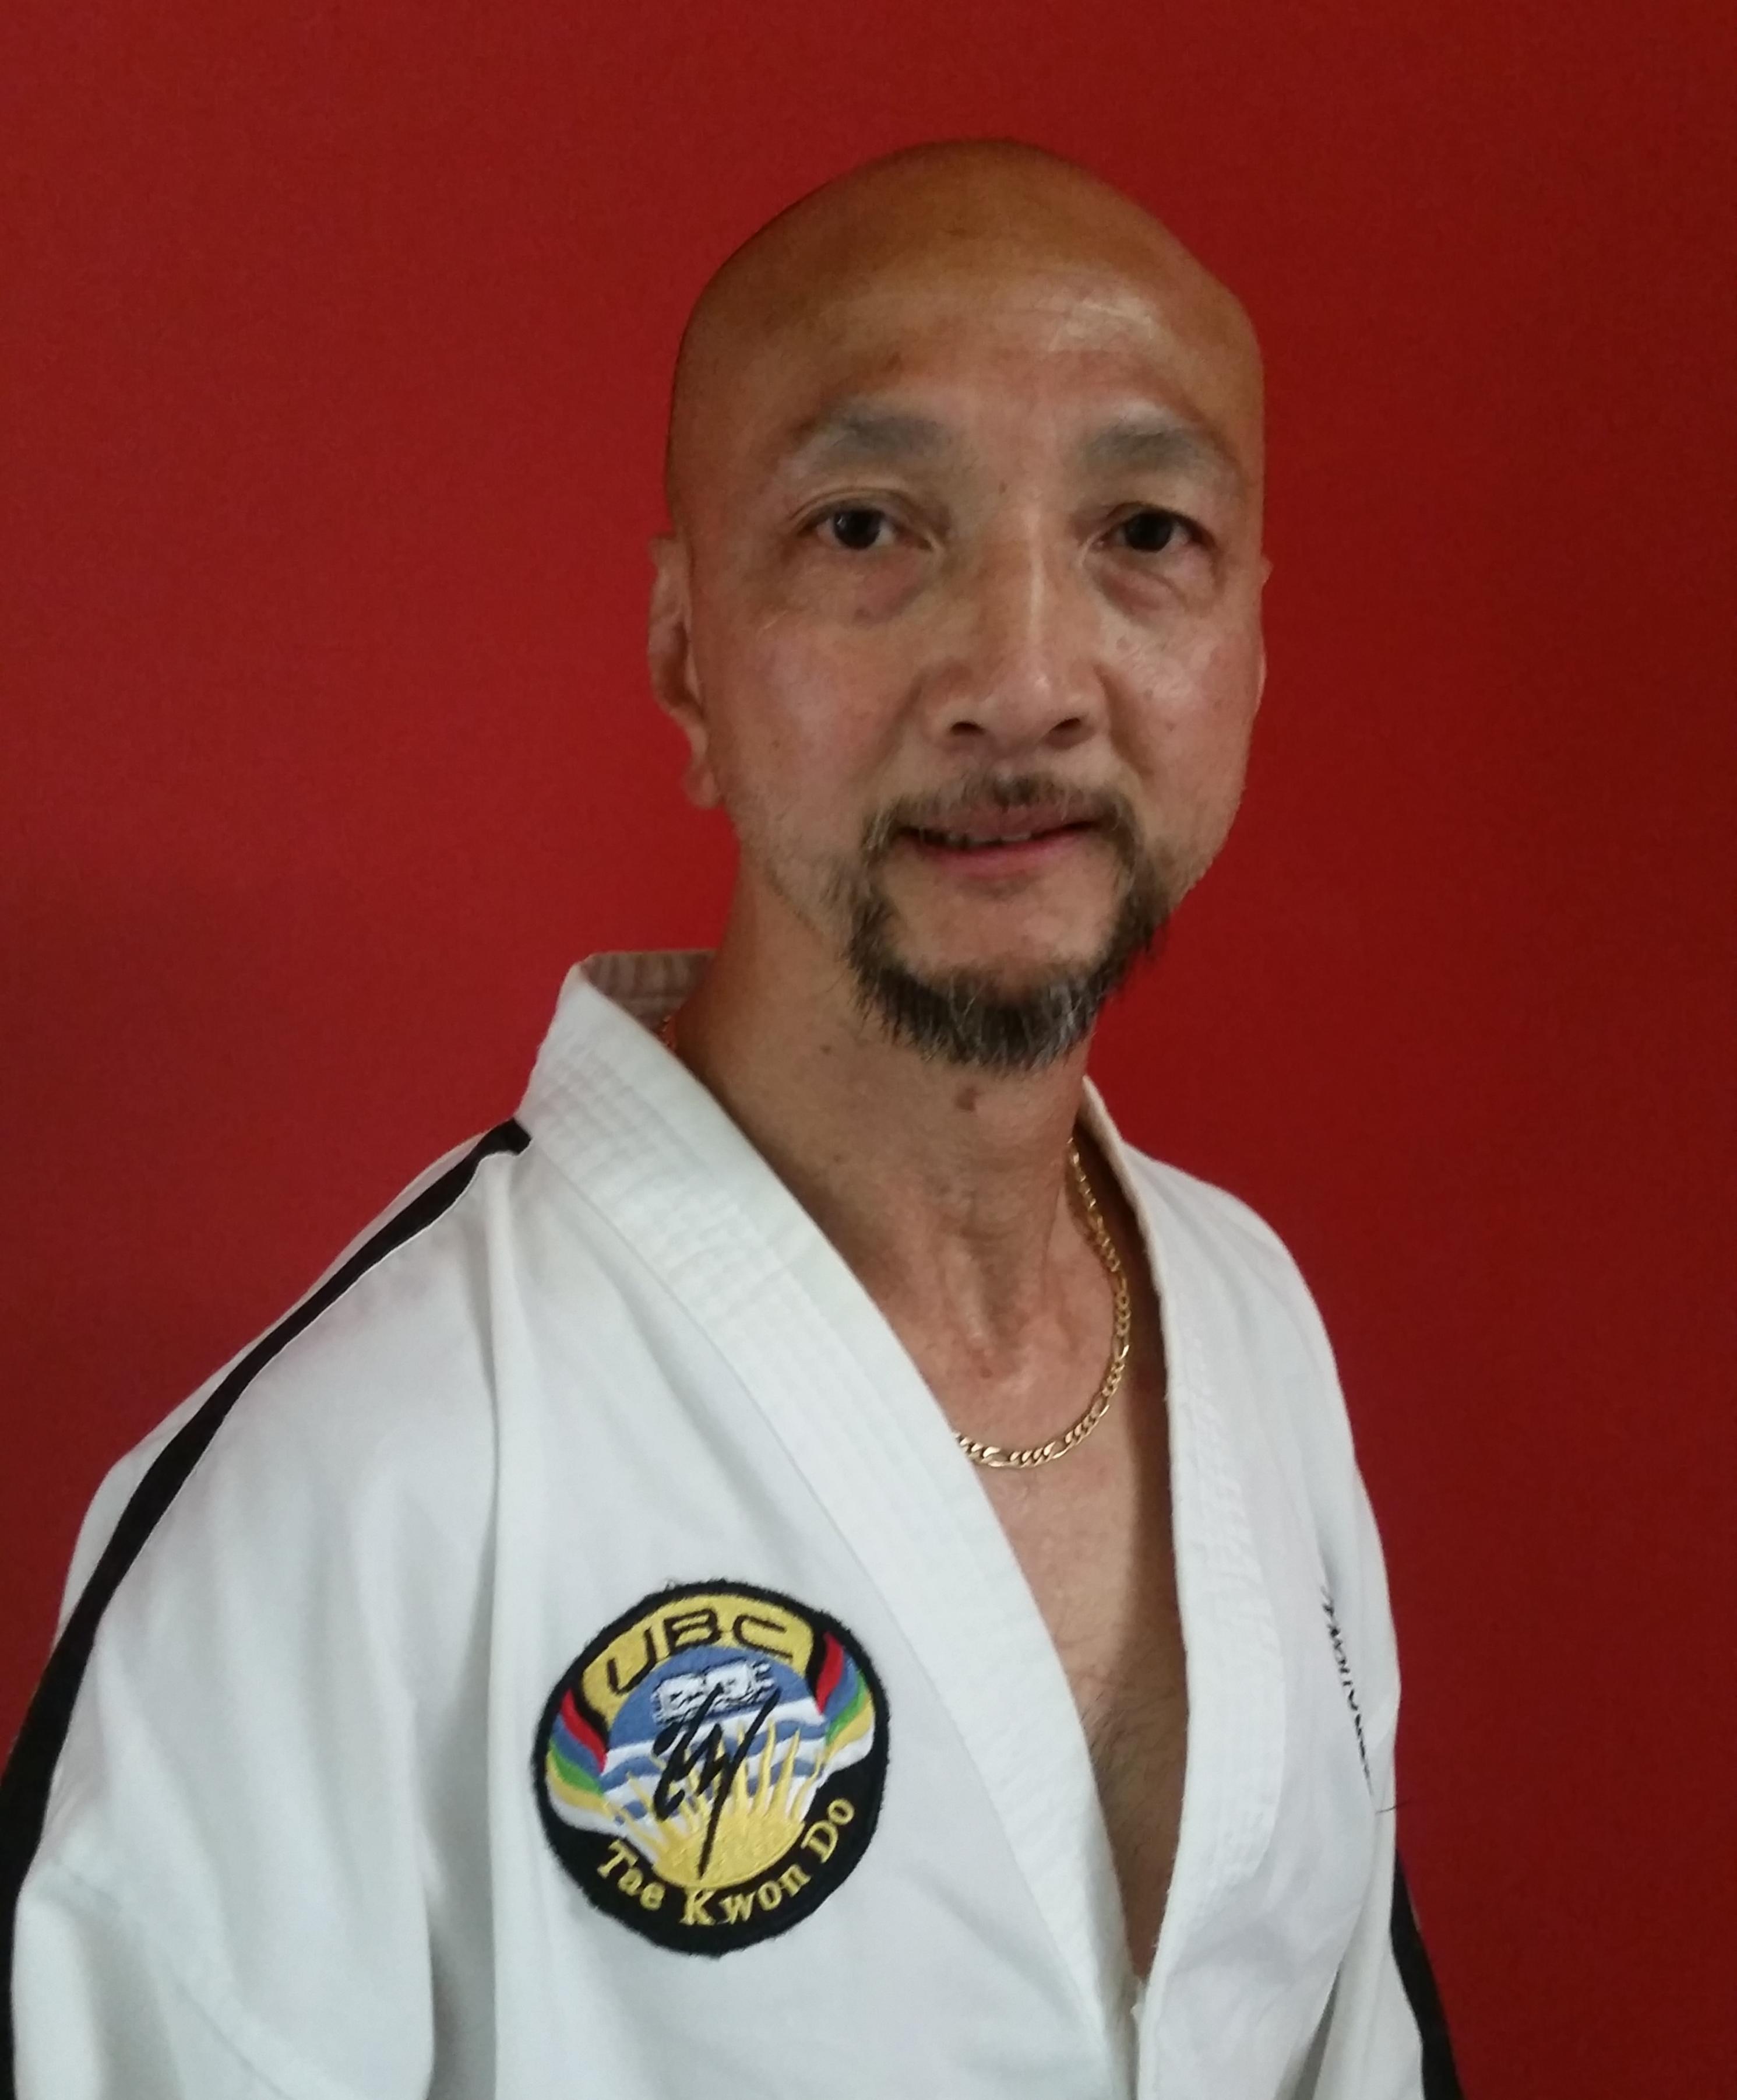 John Kwan